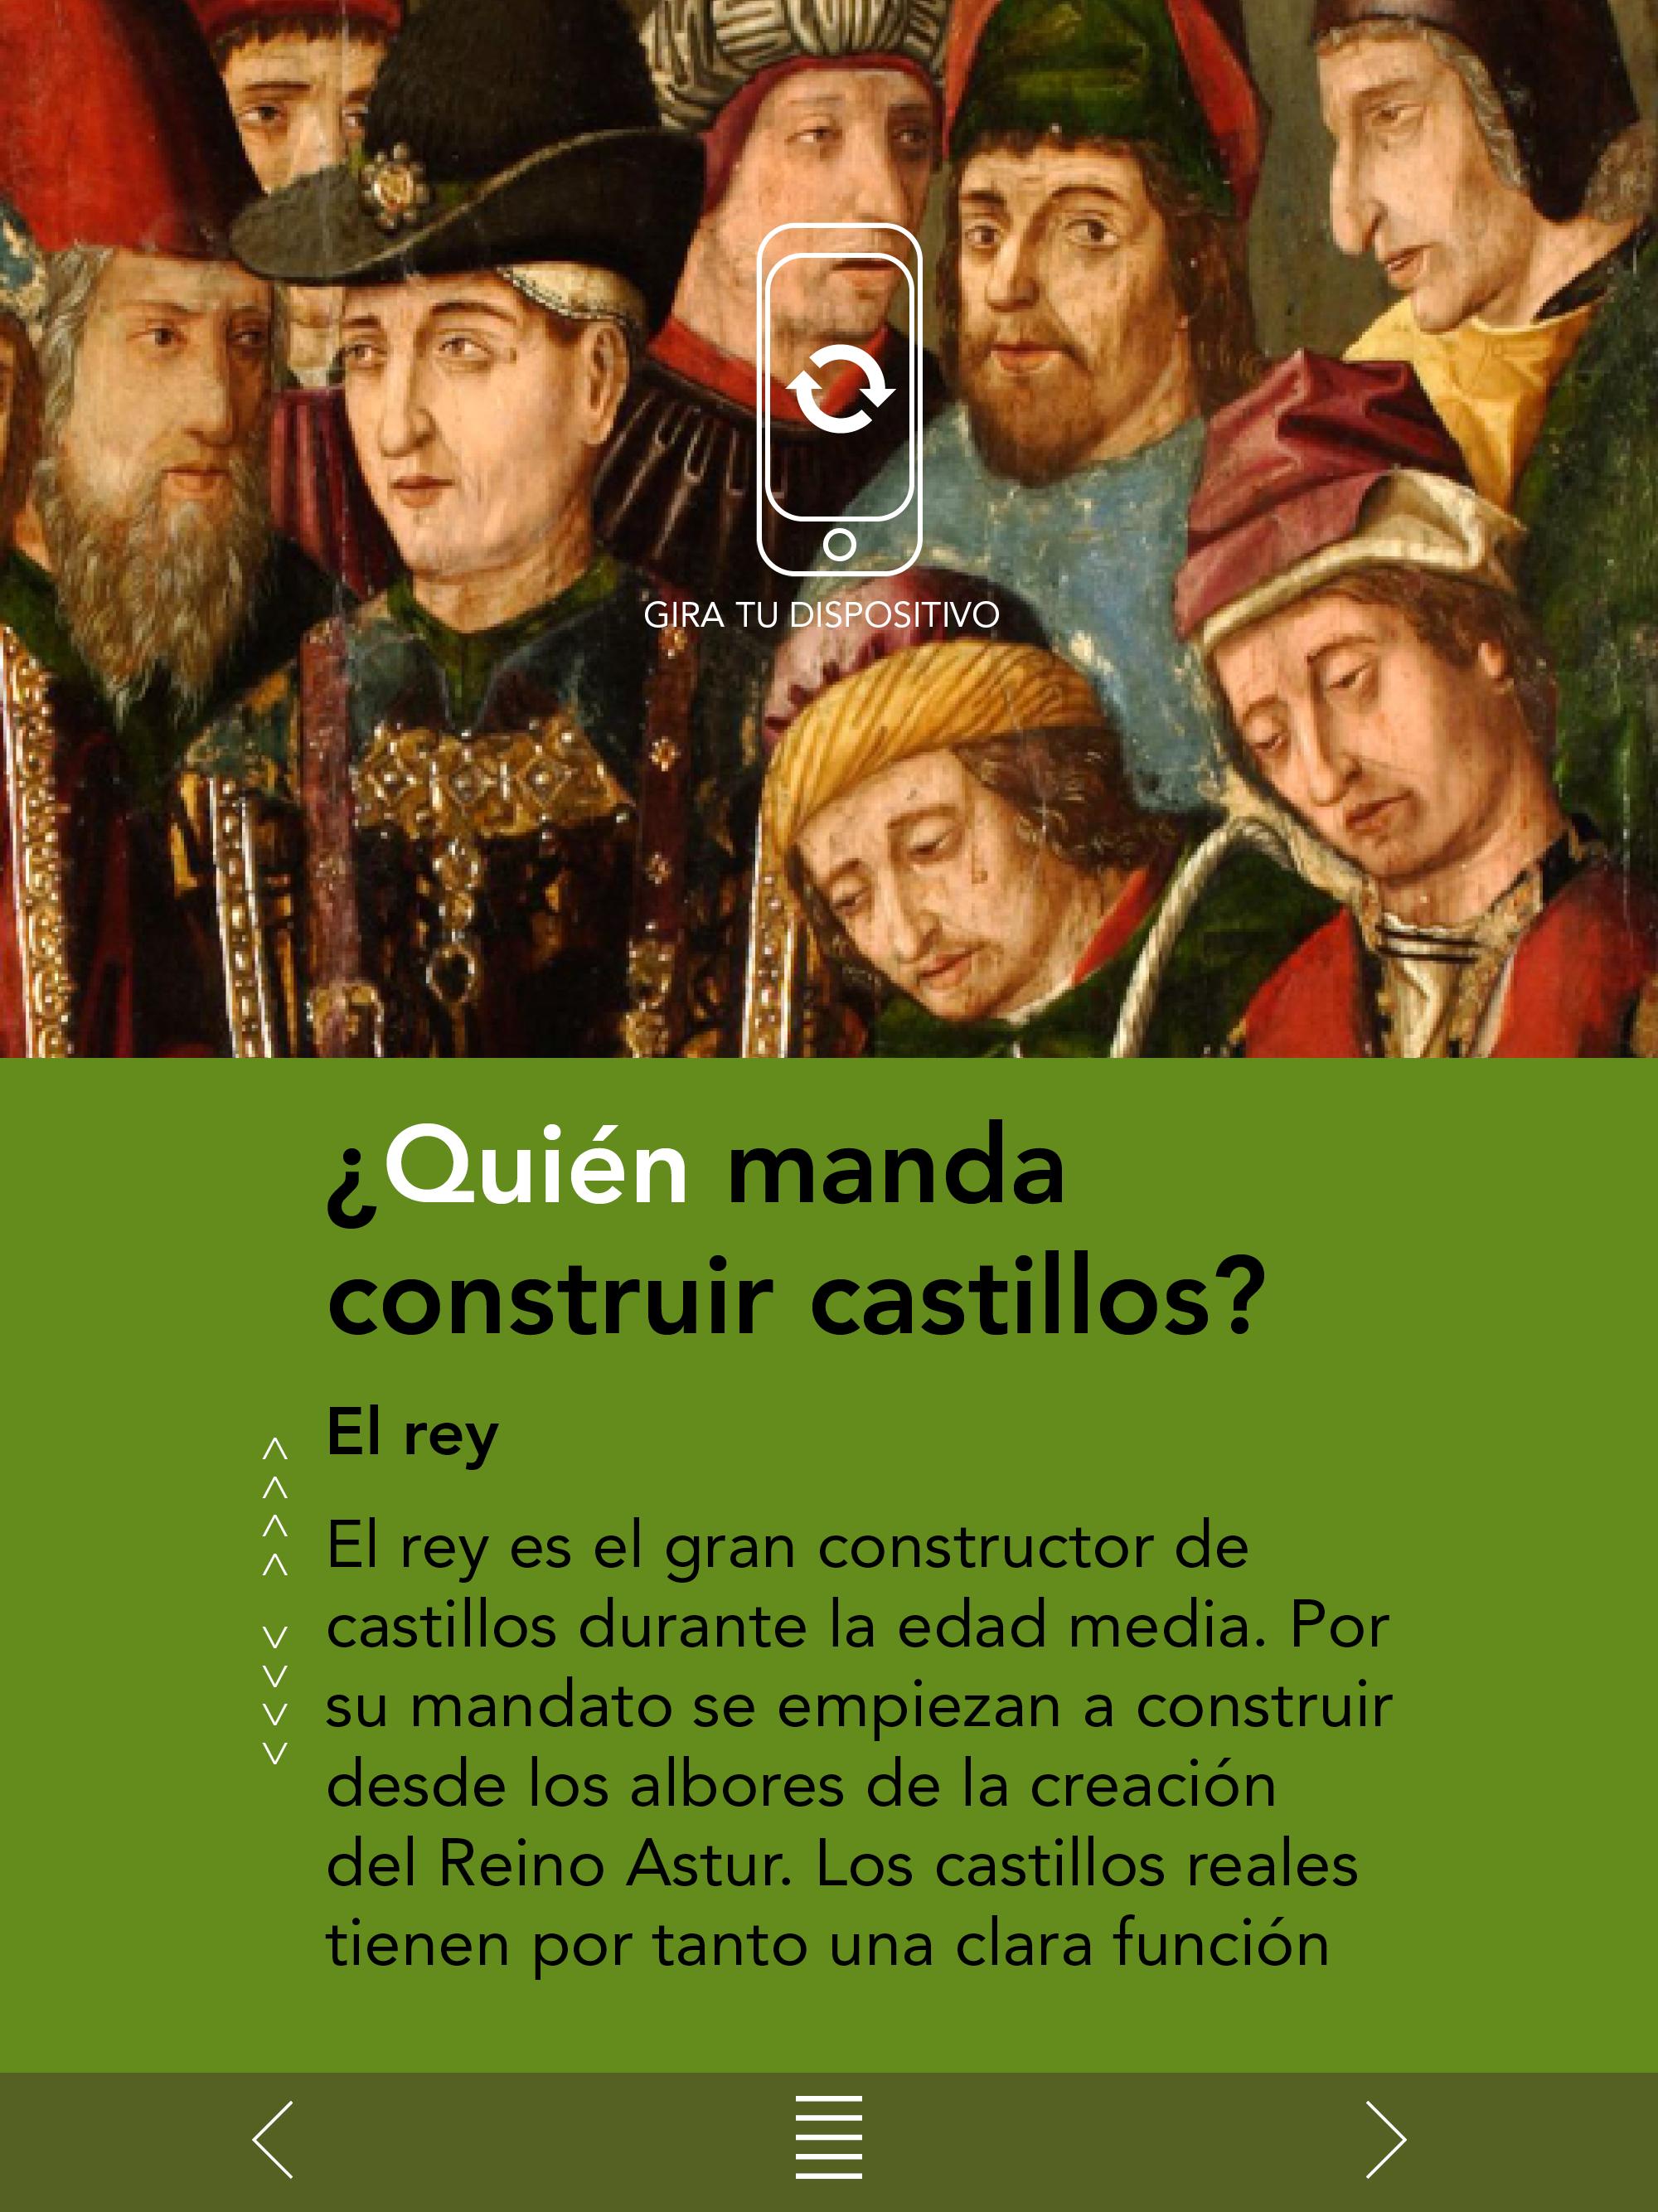 Fuensaldaña8